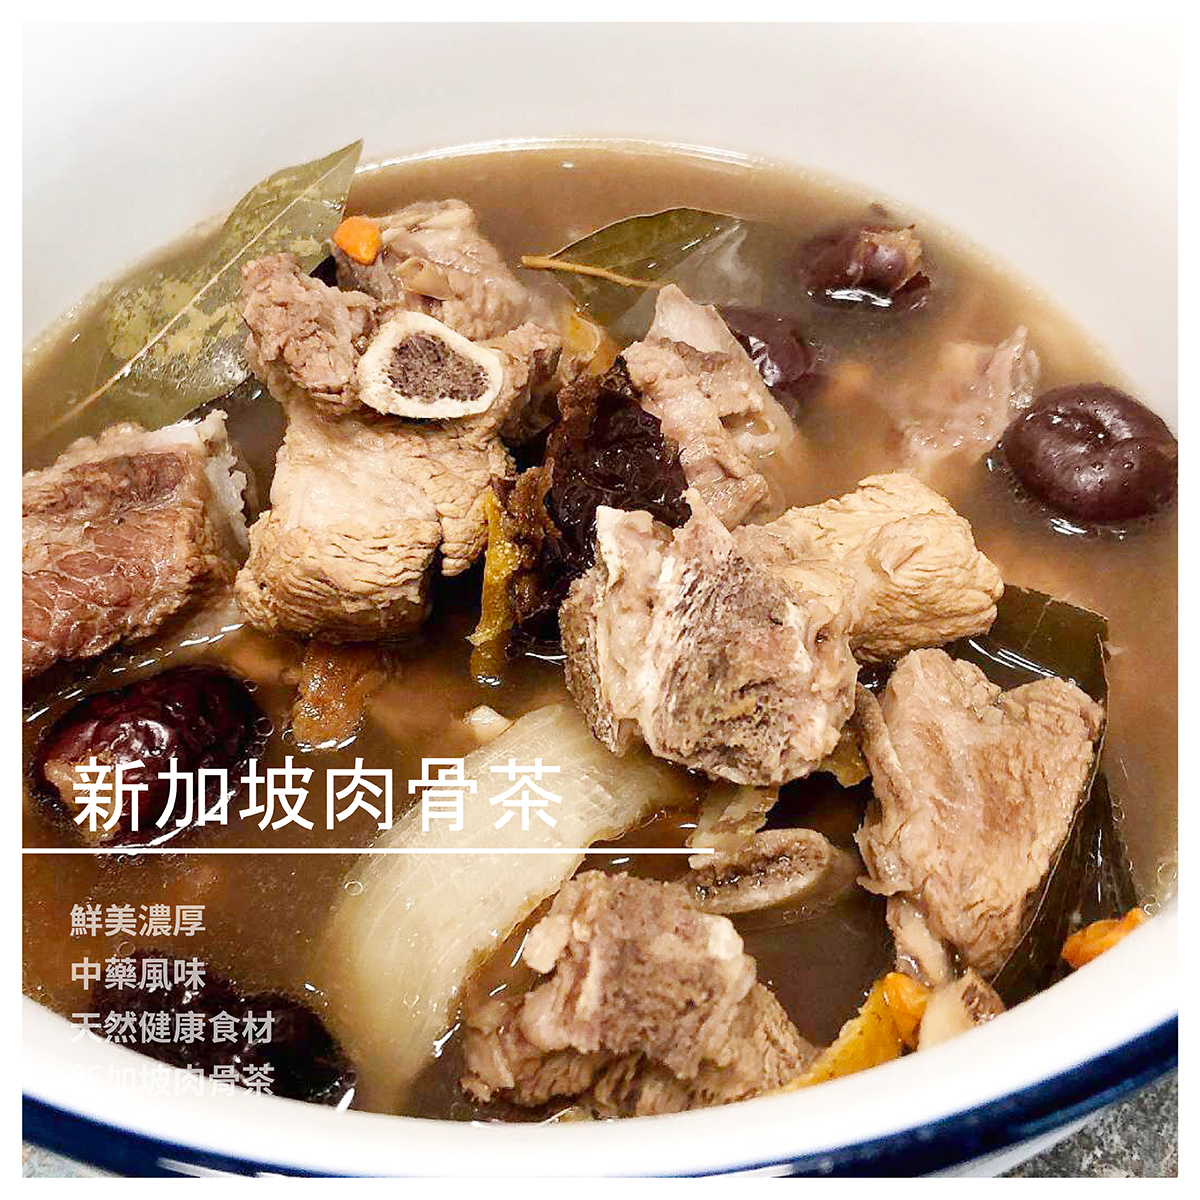 【鮮日嚐四季餐桌料理】新加坡肉骨茶/份